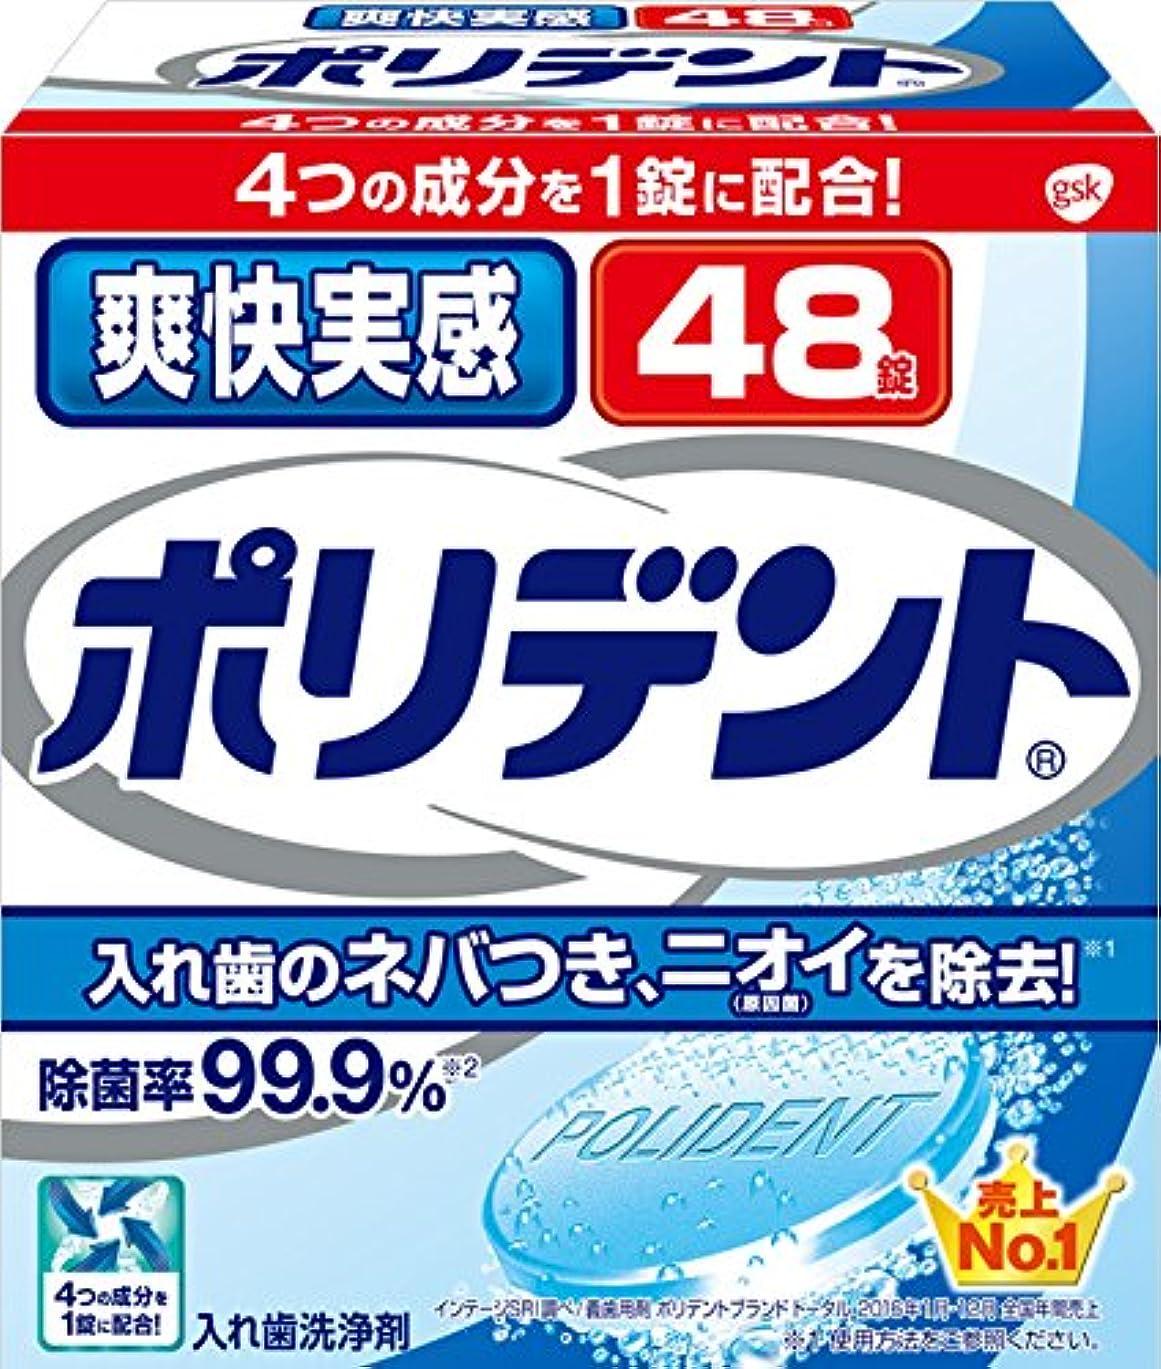 セクション貧困お世話になった入れ歯洗浄剤 爽快実感 ポリデント 48錠